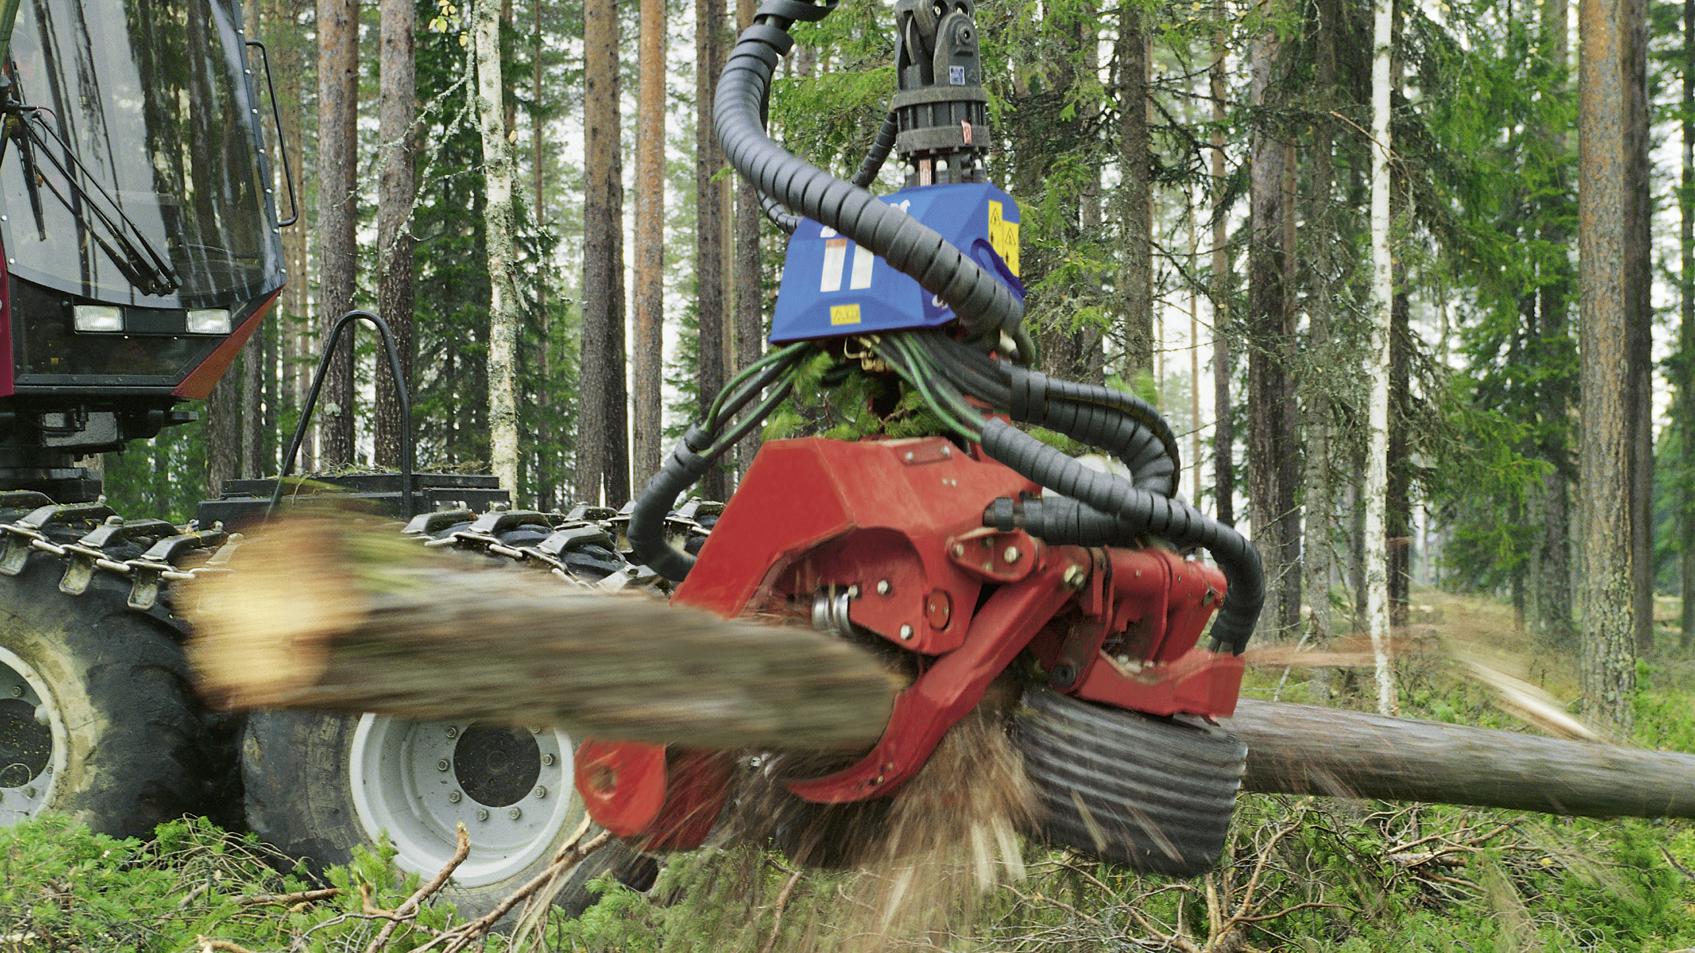 харвестеры и форвардеры: Виды, принцип работы лесозаготовительный и валочной техники